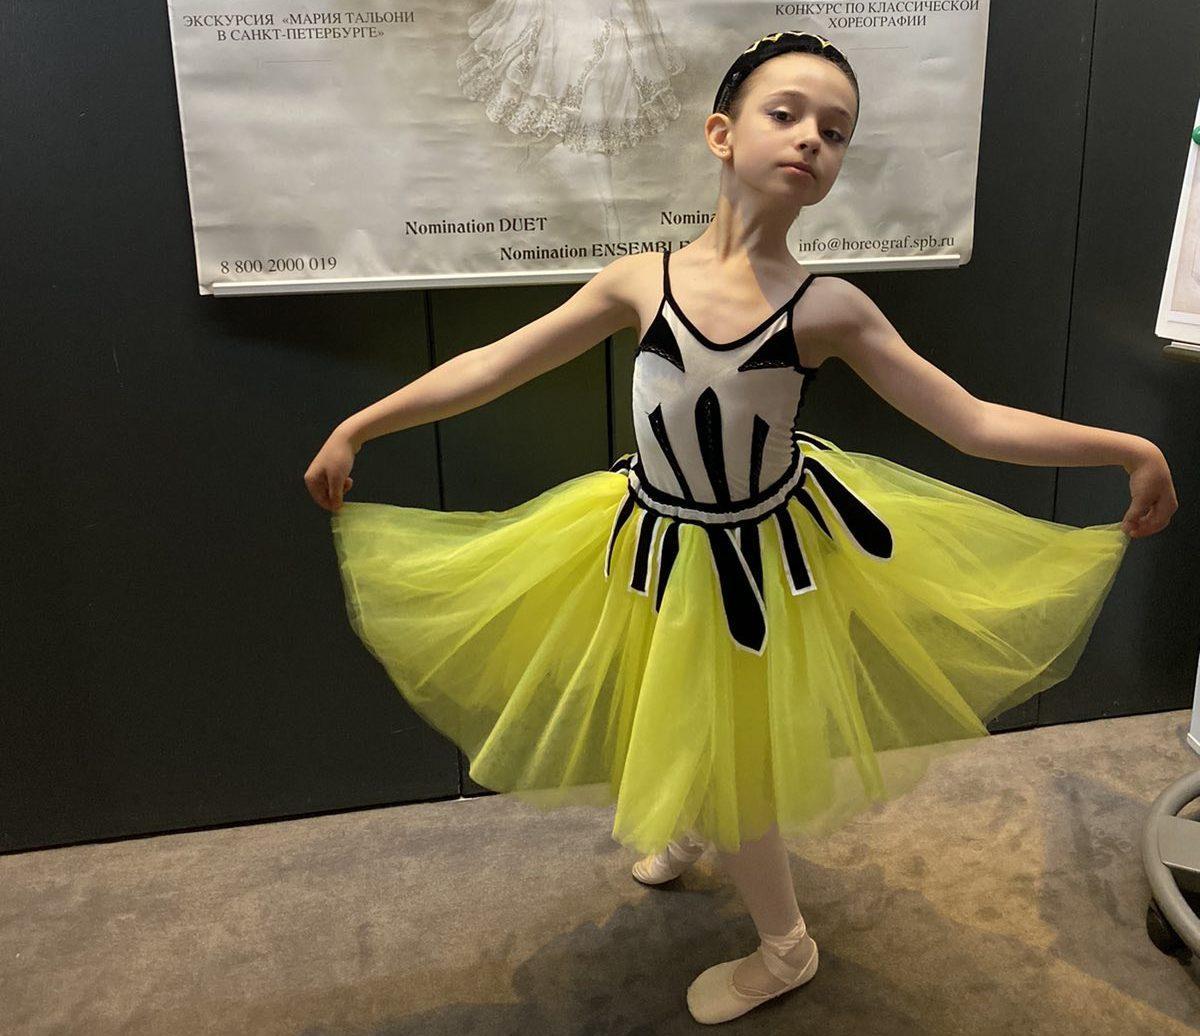 Юная балерина из Брянска Майя Ларина победила во Всероссийском конкурсе